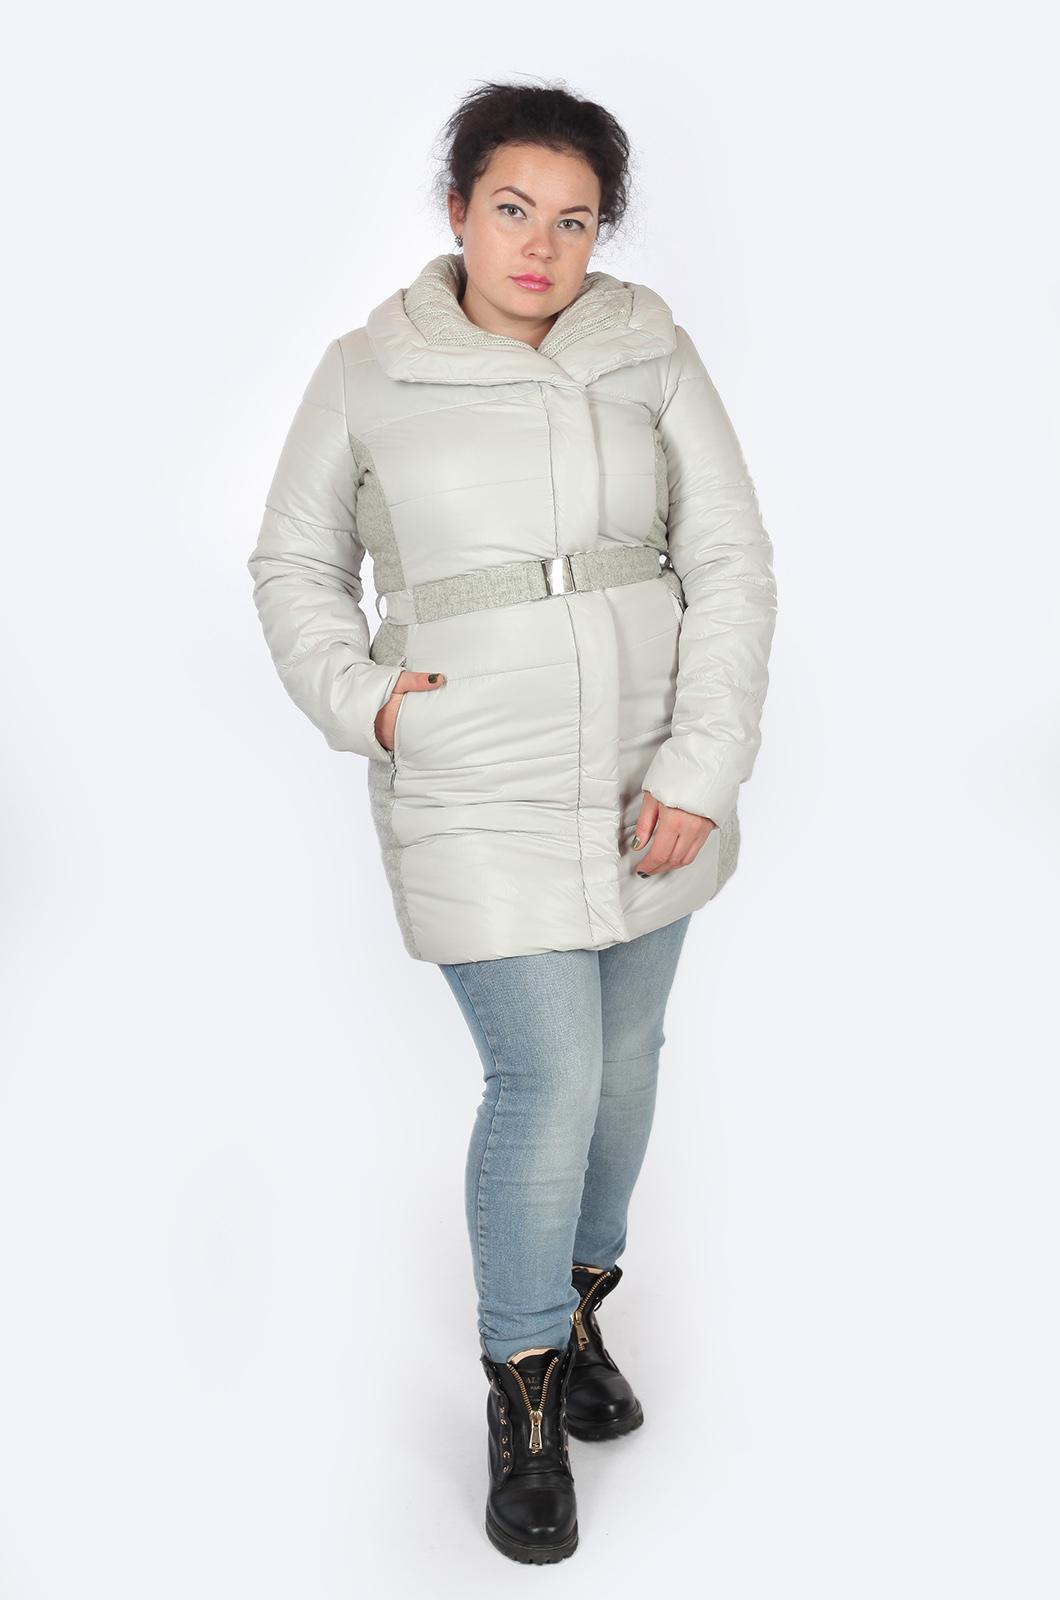 Белая удлиненная куртка Orsay (Германия) с удобной доставкой